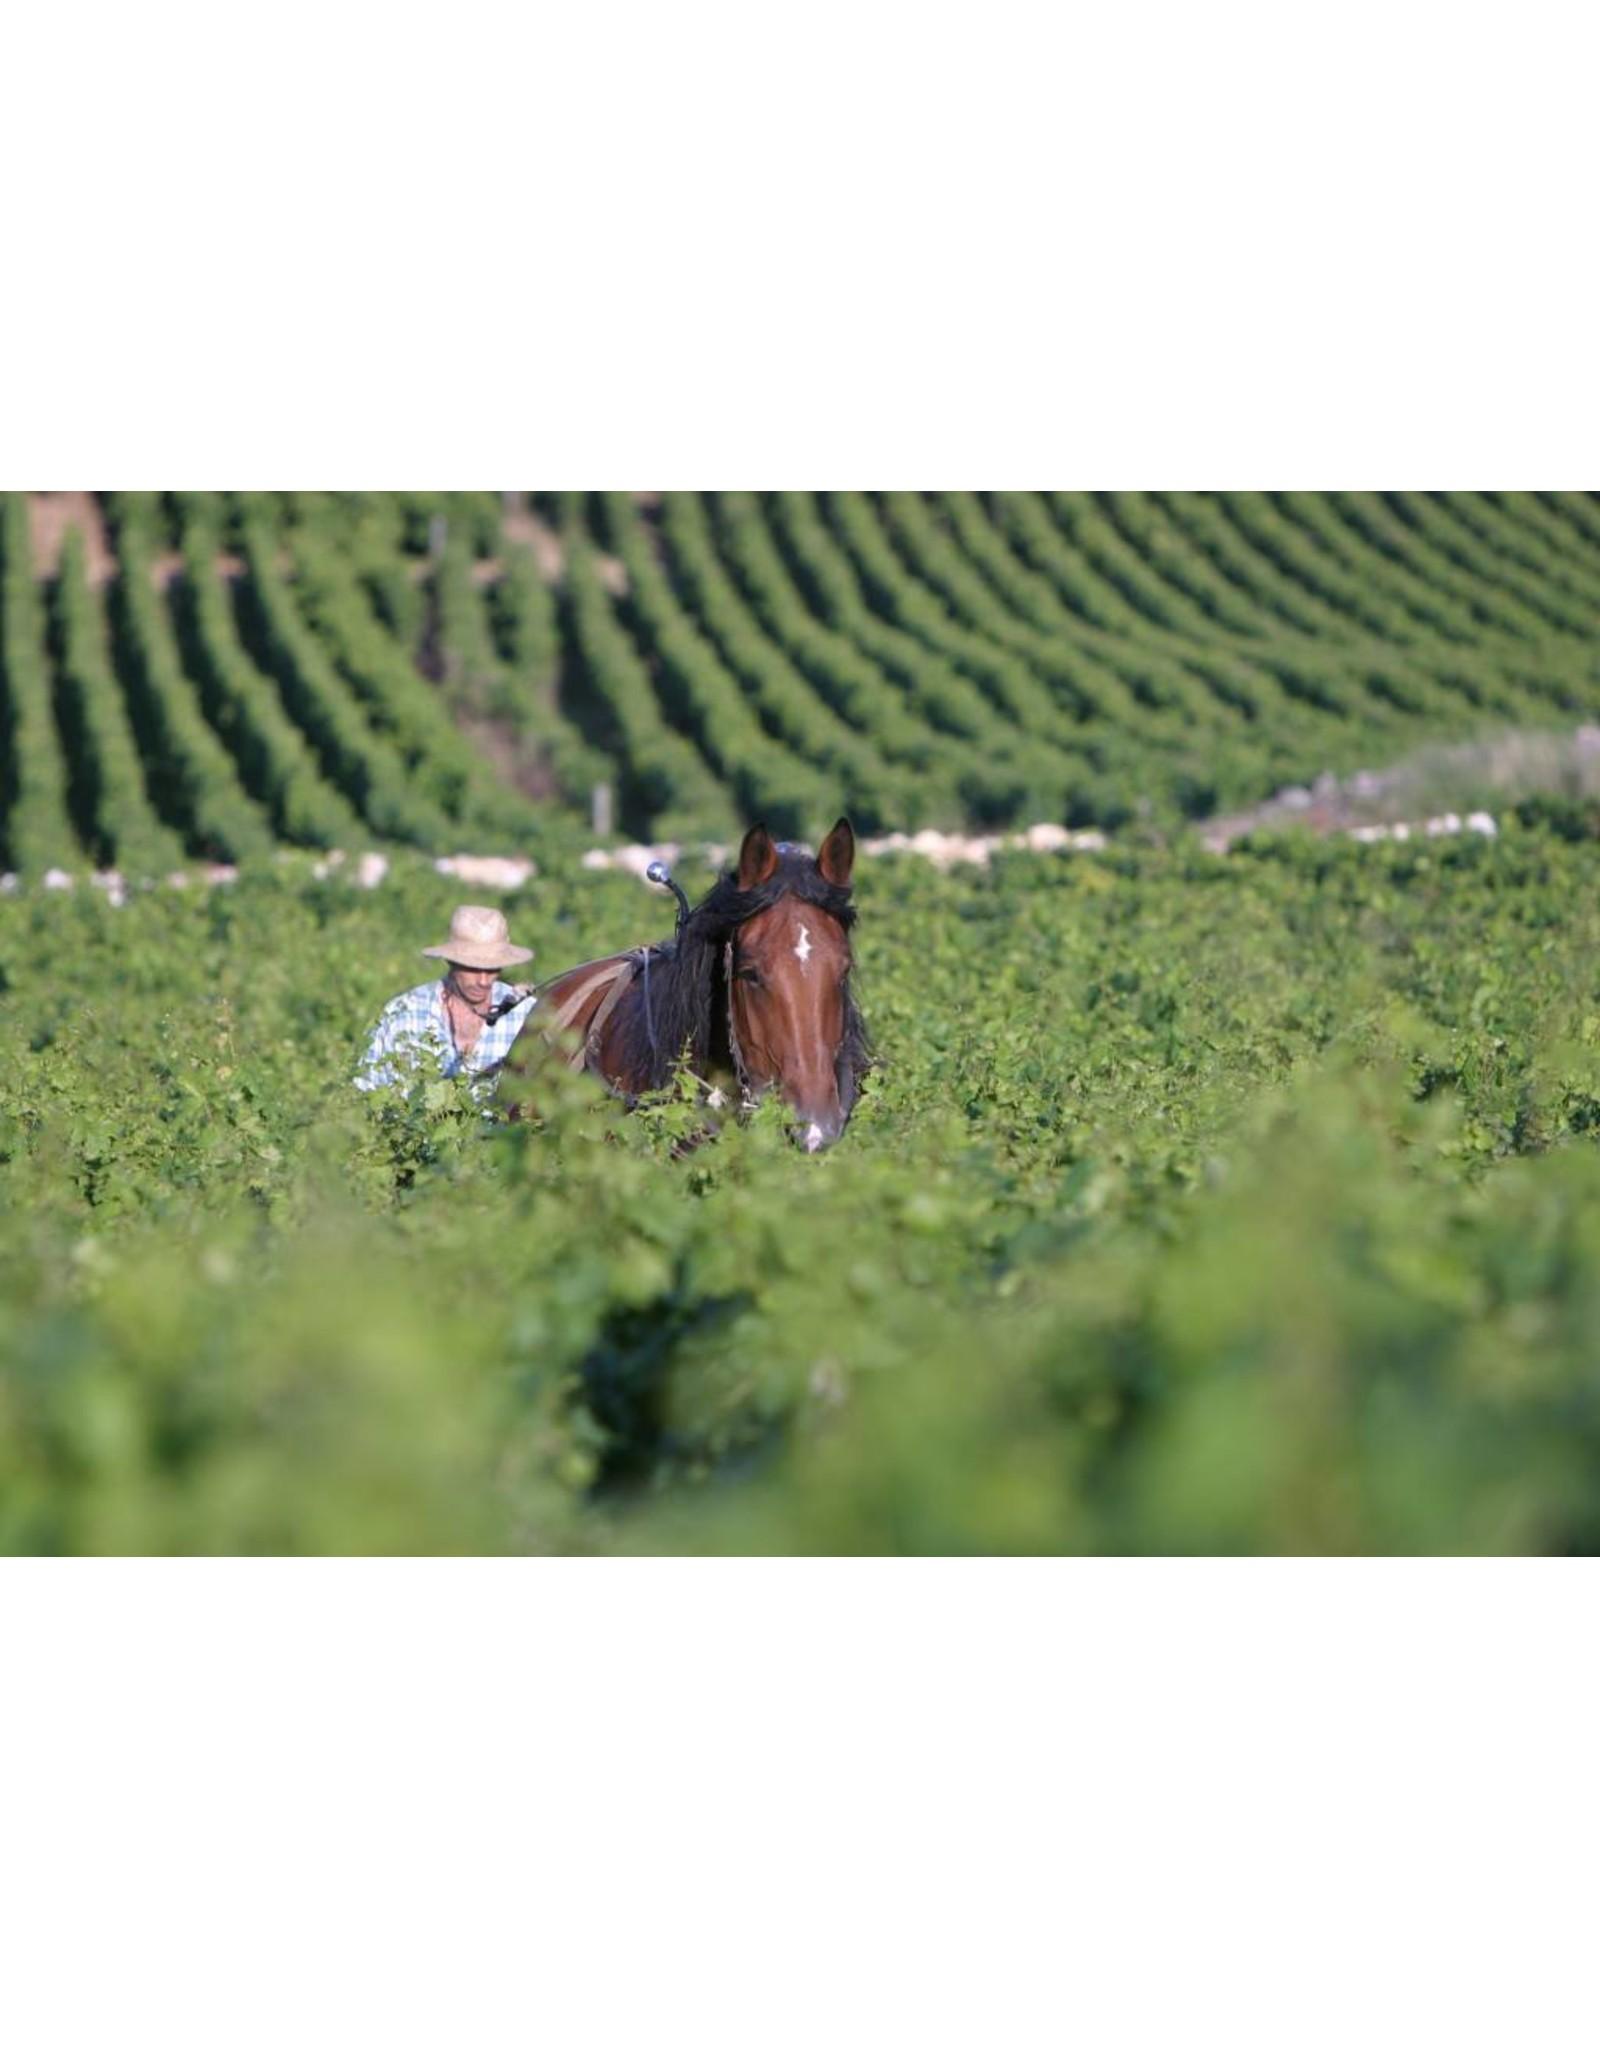 Joseph Drouhin Biodynamische wijn.   Mooie instapwijn voor een goede prijs.